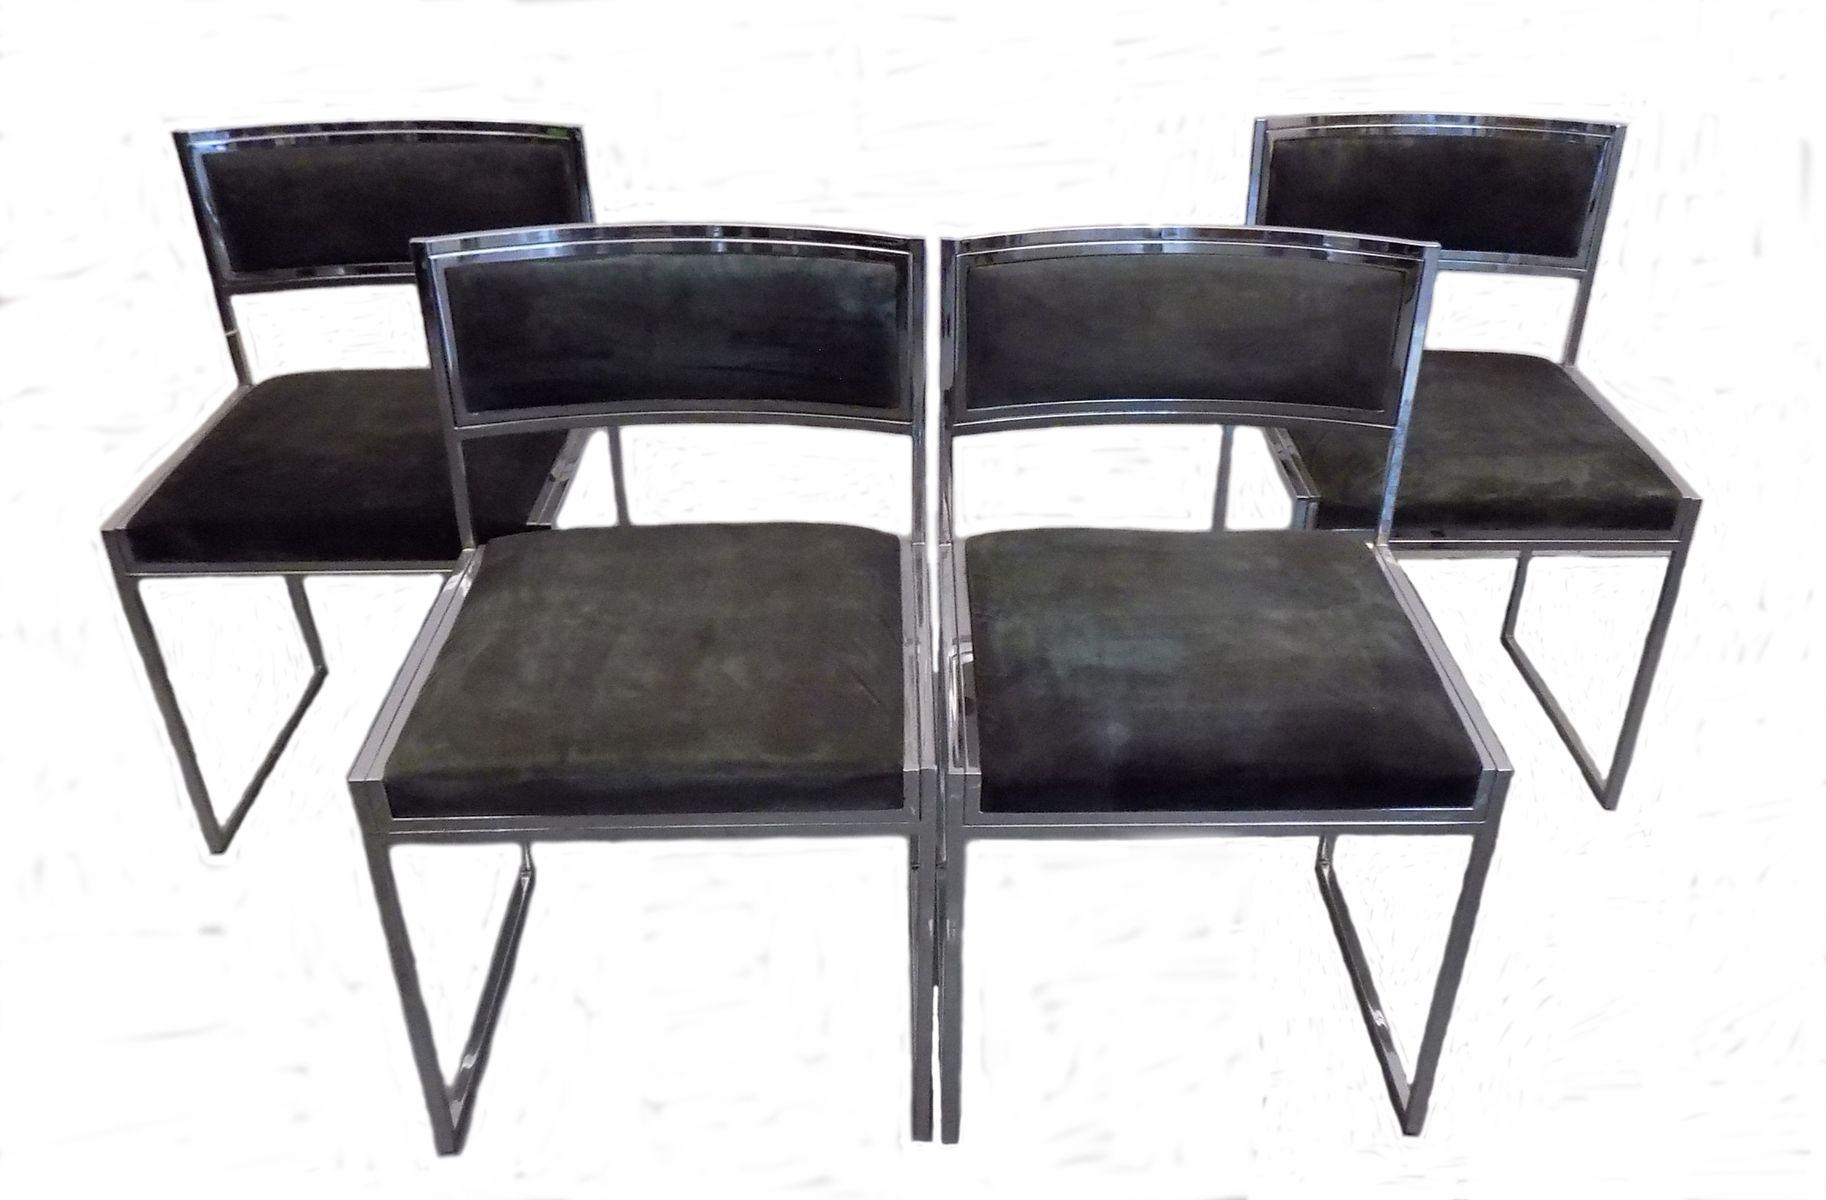 st hle aus verchromtem stahl von willy rizzo 1970er 4er set bei pamono kaufen. Black Bedroom Furniture Sets. Home Design Ideas